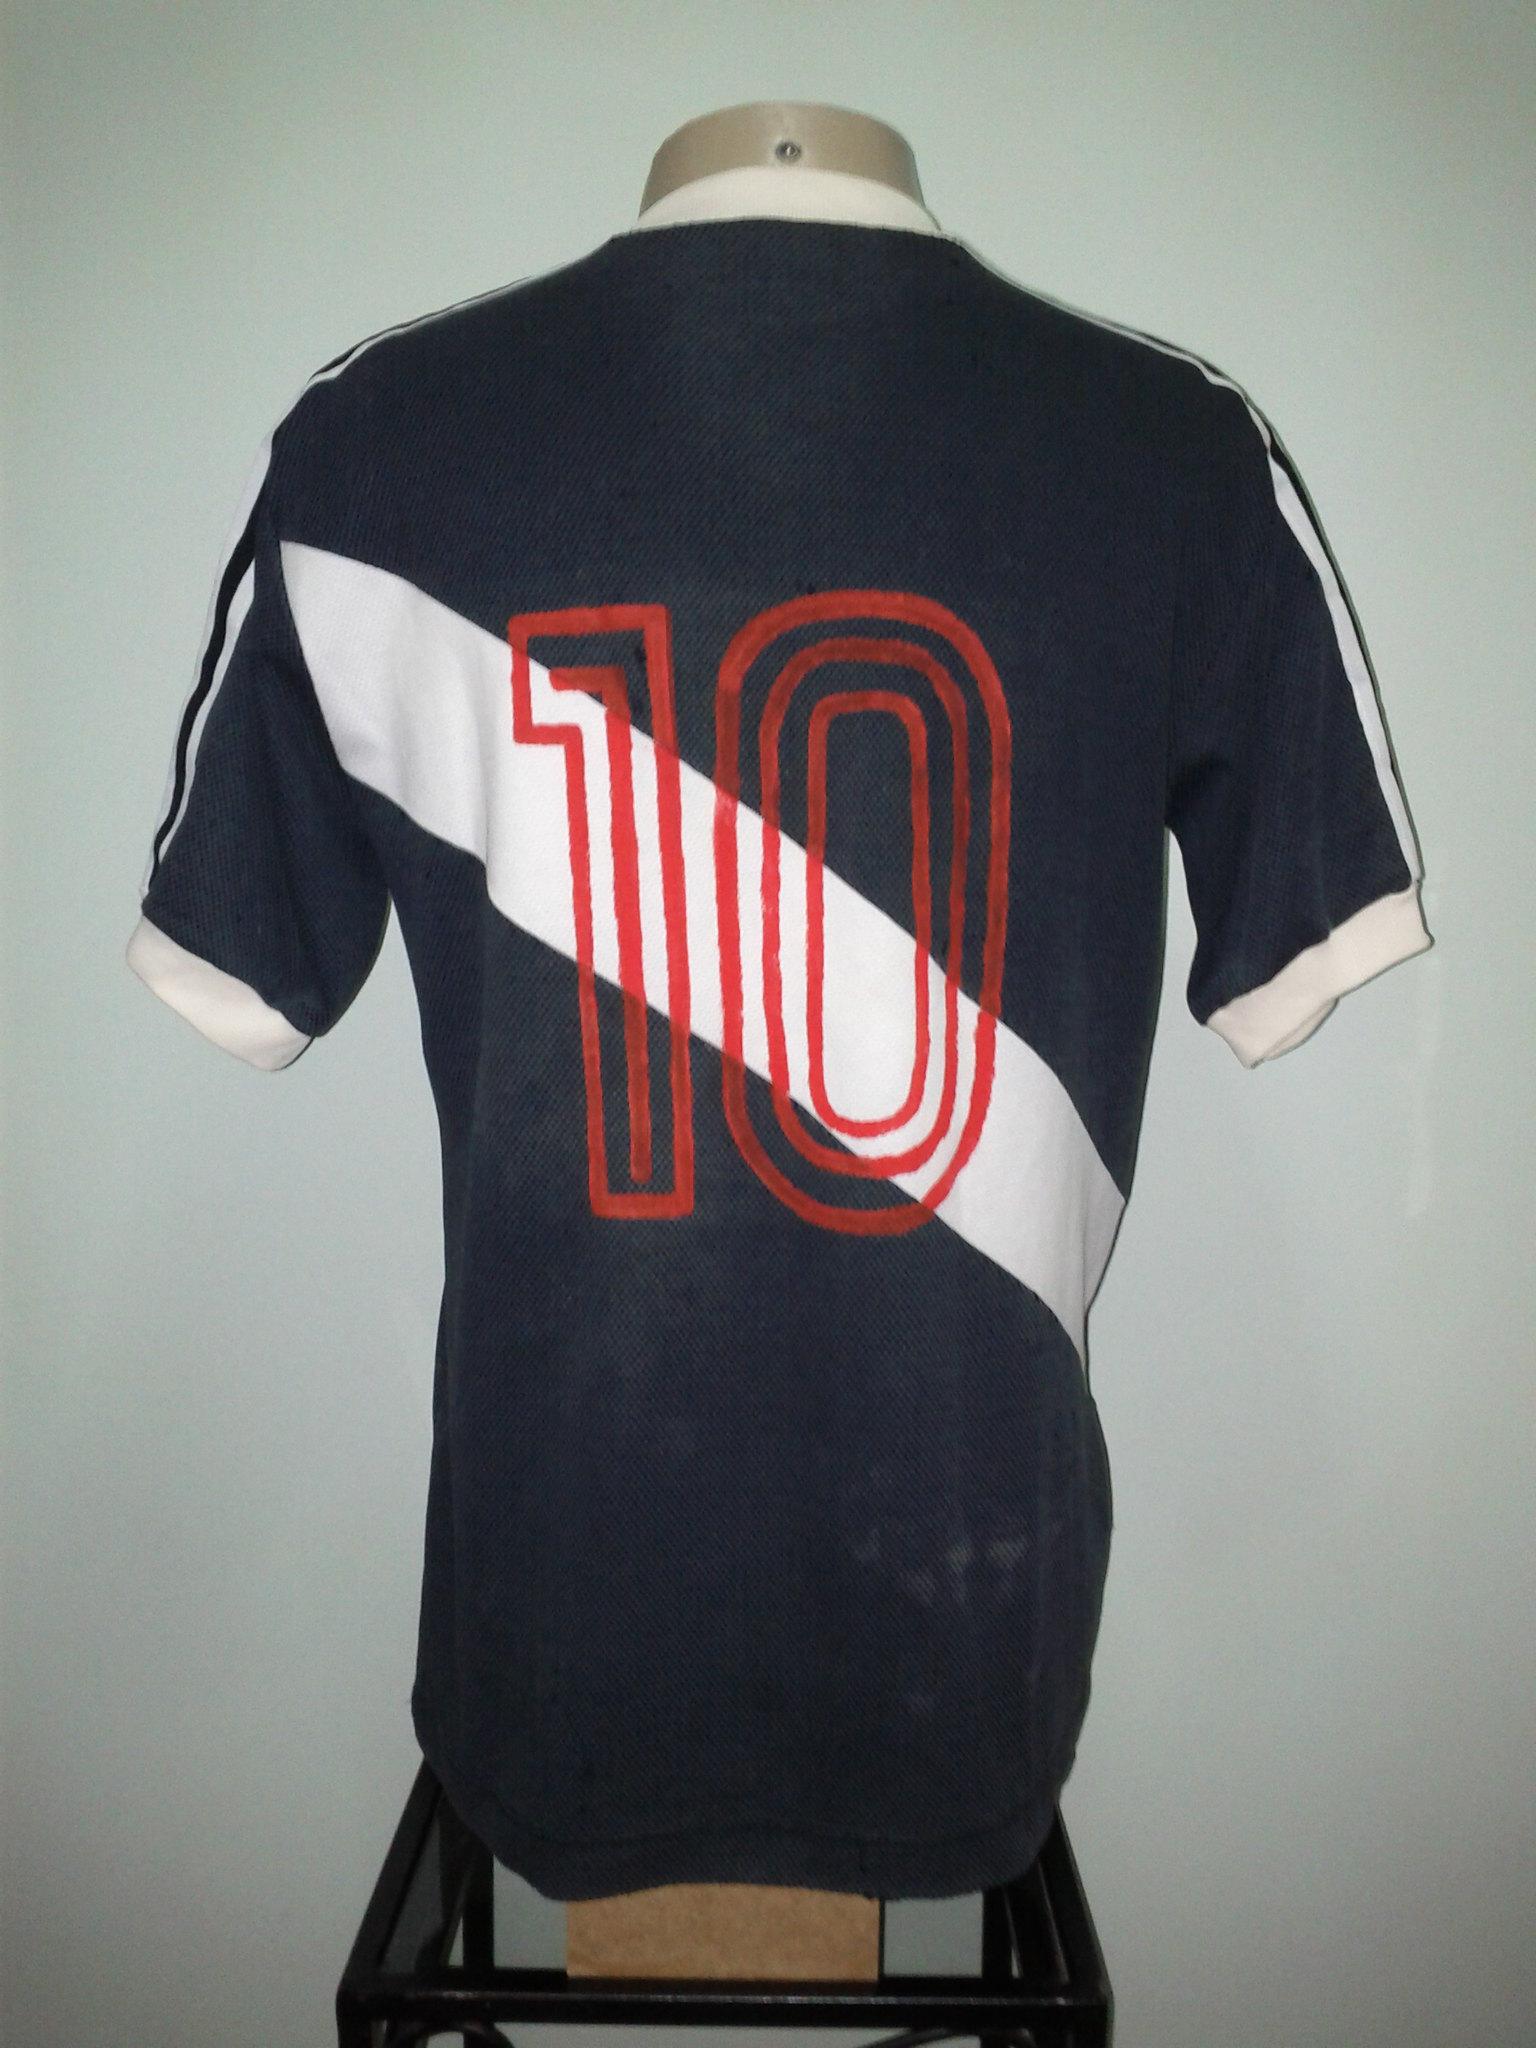 ffd536936dd78 À partir do jogo contra o Fluminense no dia 13 04 começos a estampar a logo  da 3B-RIO. Nesse jogo a logo ficava dentro de um retângulo vermelho